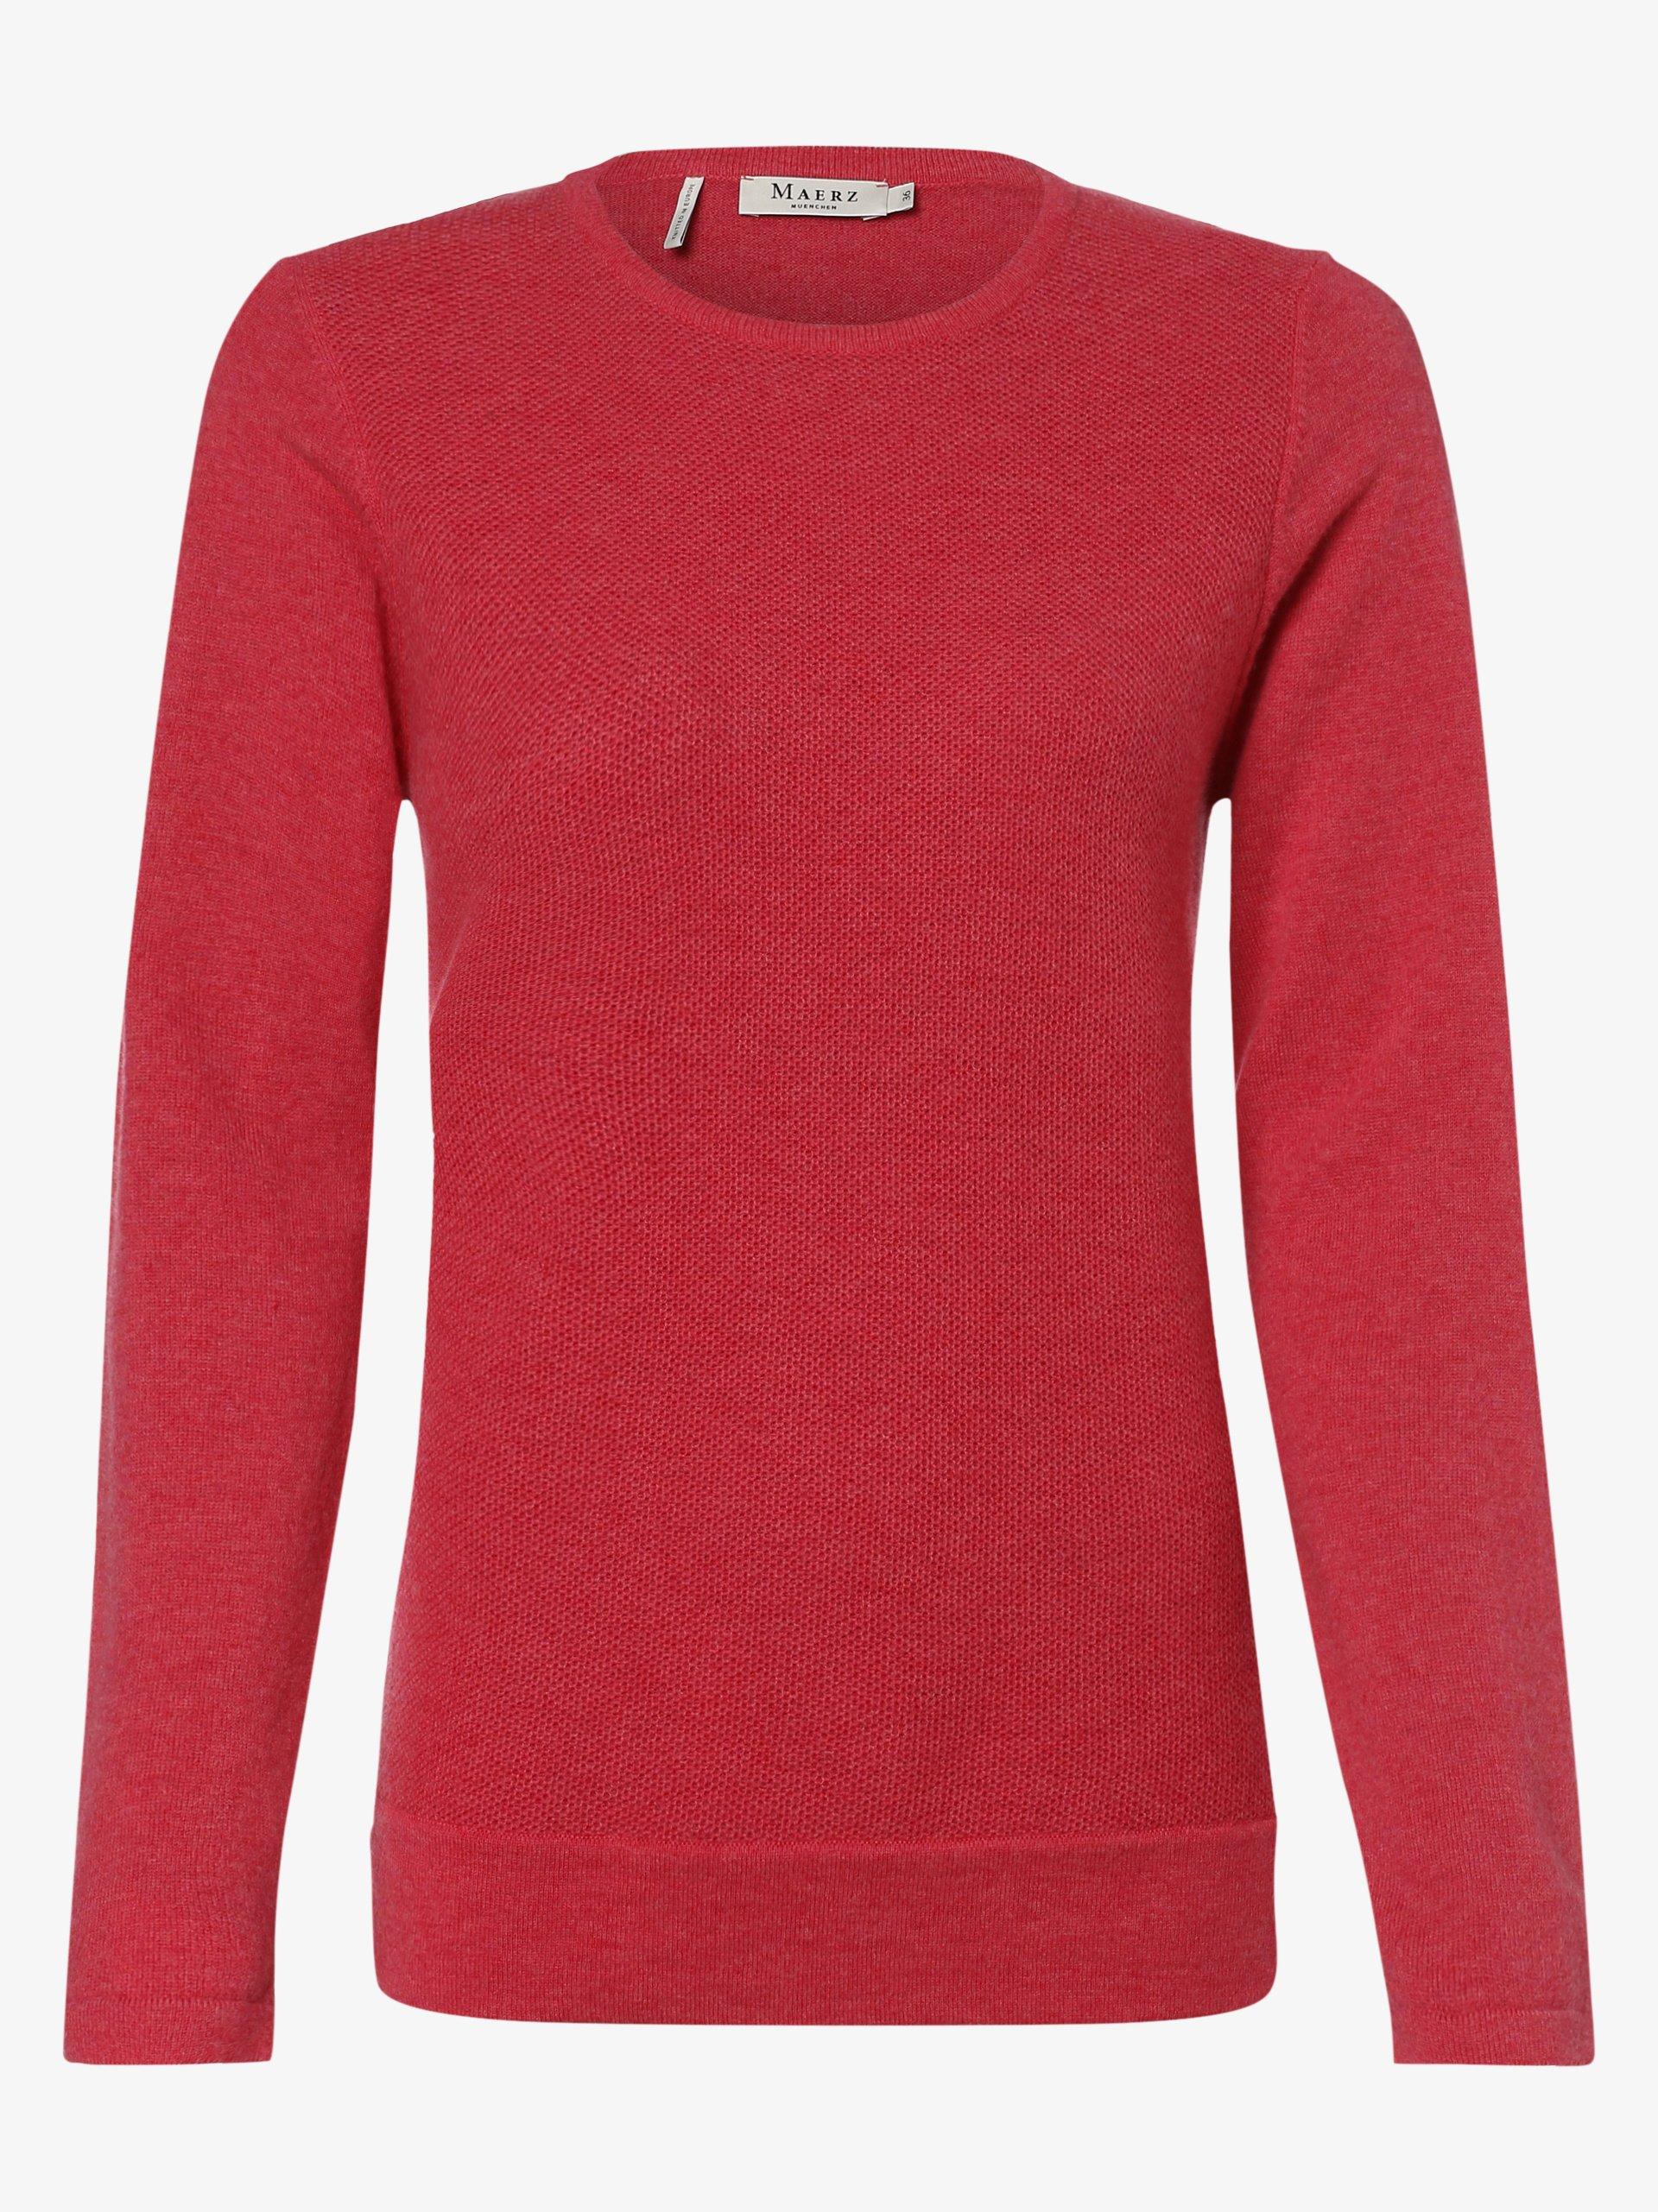 MAERZ Damen Pullover aus Merinowolle